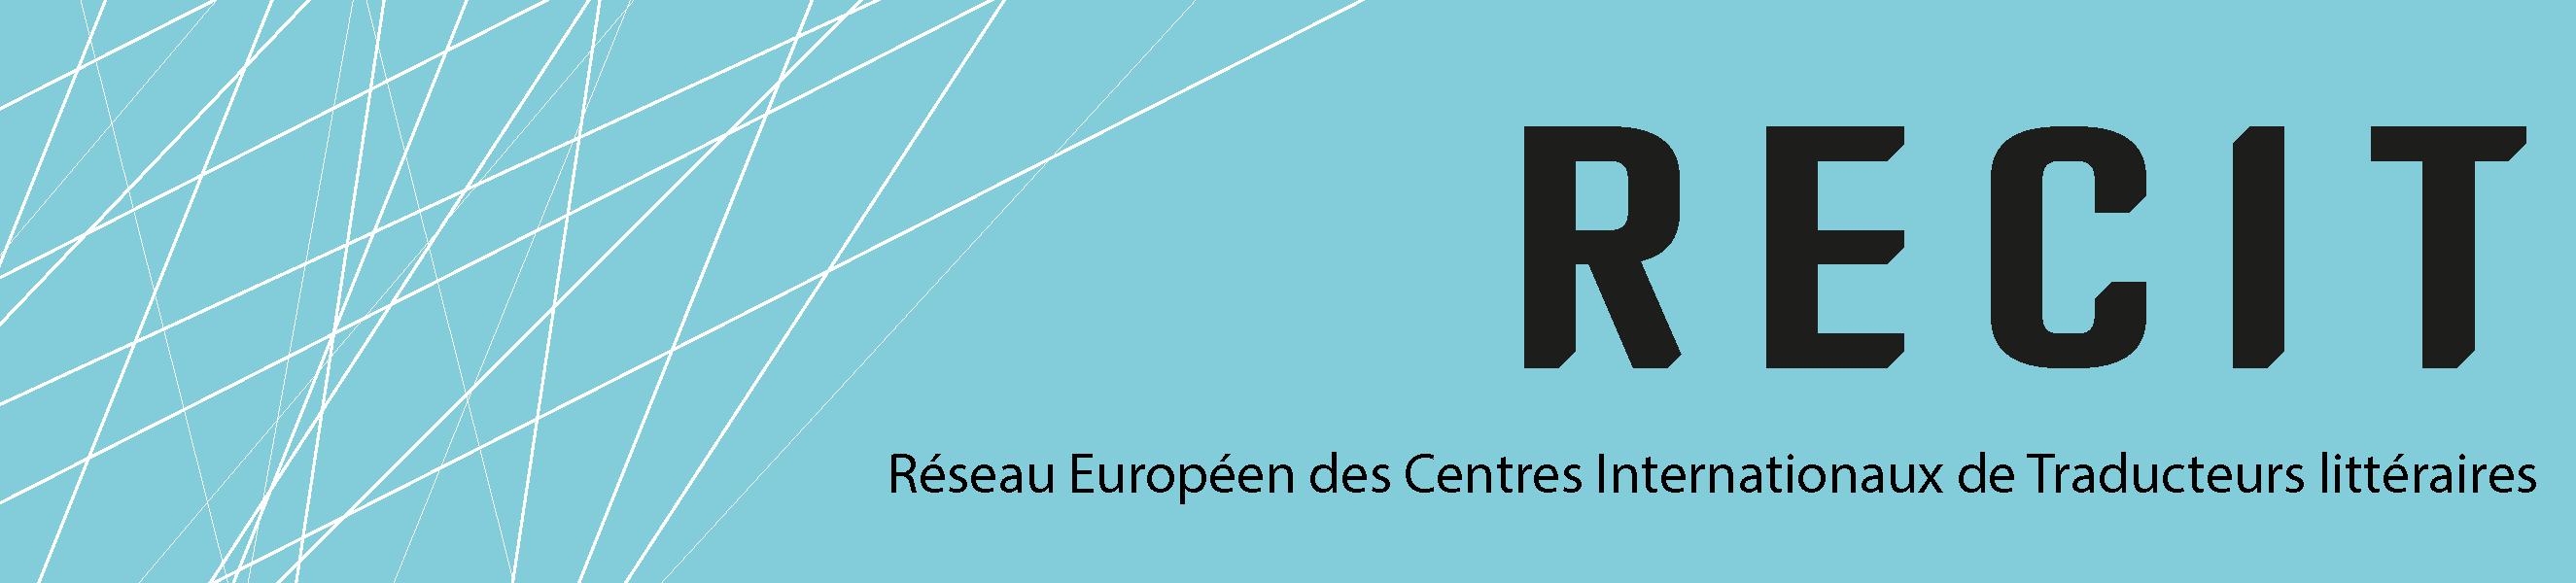 RECIT – Réseau Européen des Centres de Traducteurs littéraires